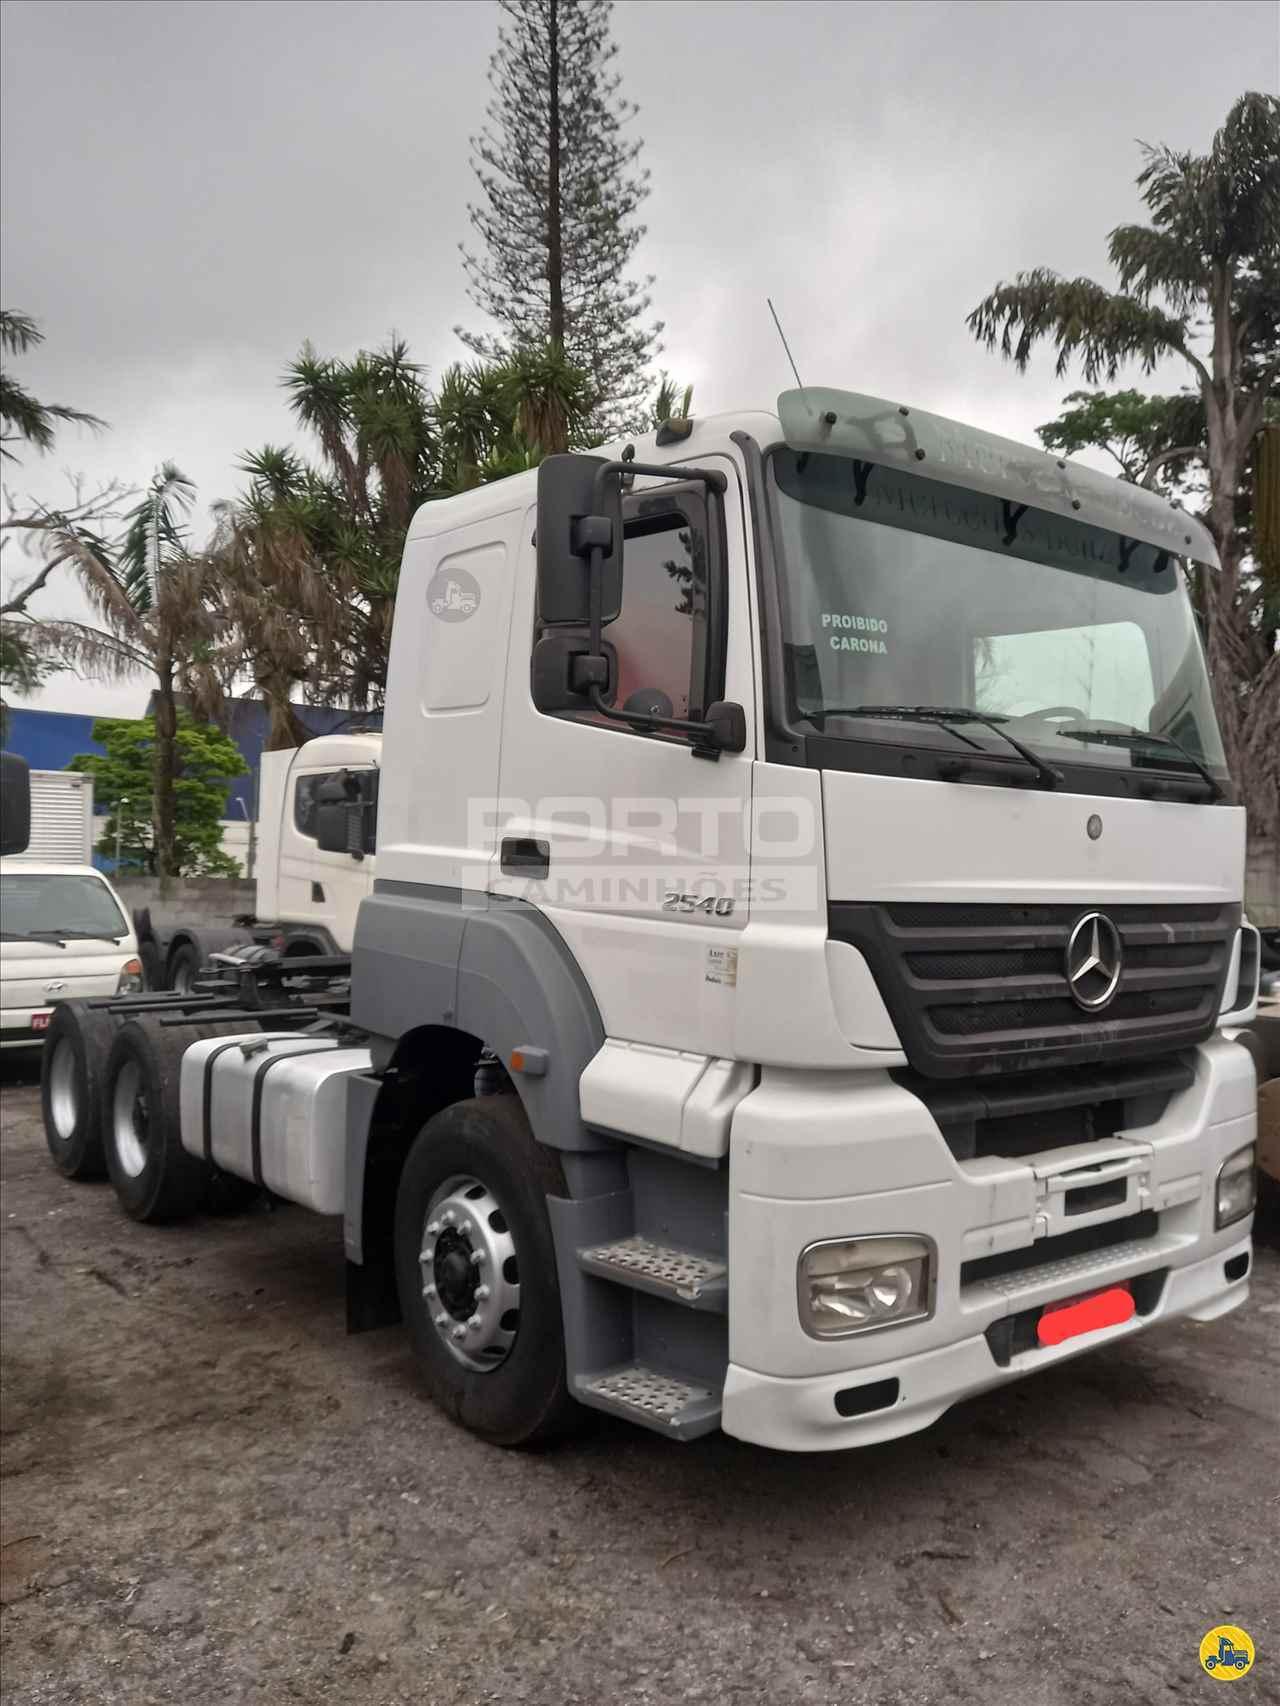 MB 2540 de Porto Caminhões - GUARULHOS/SP